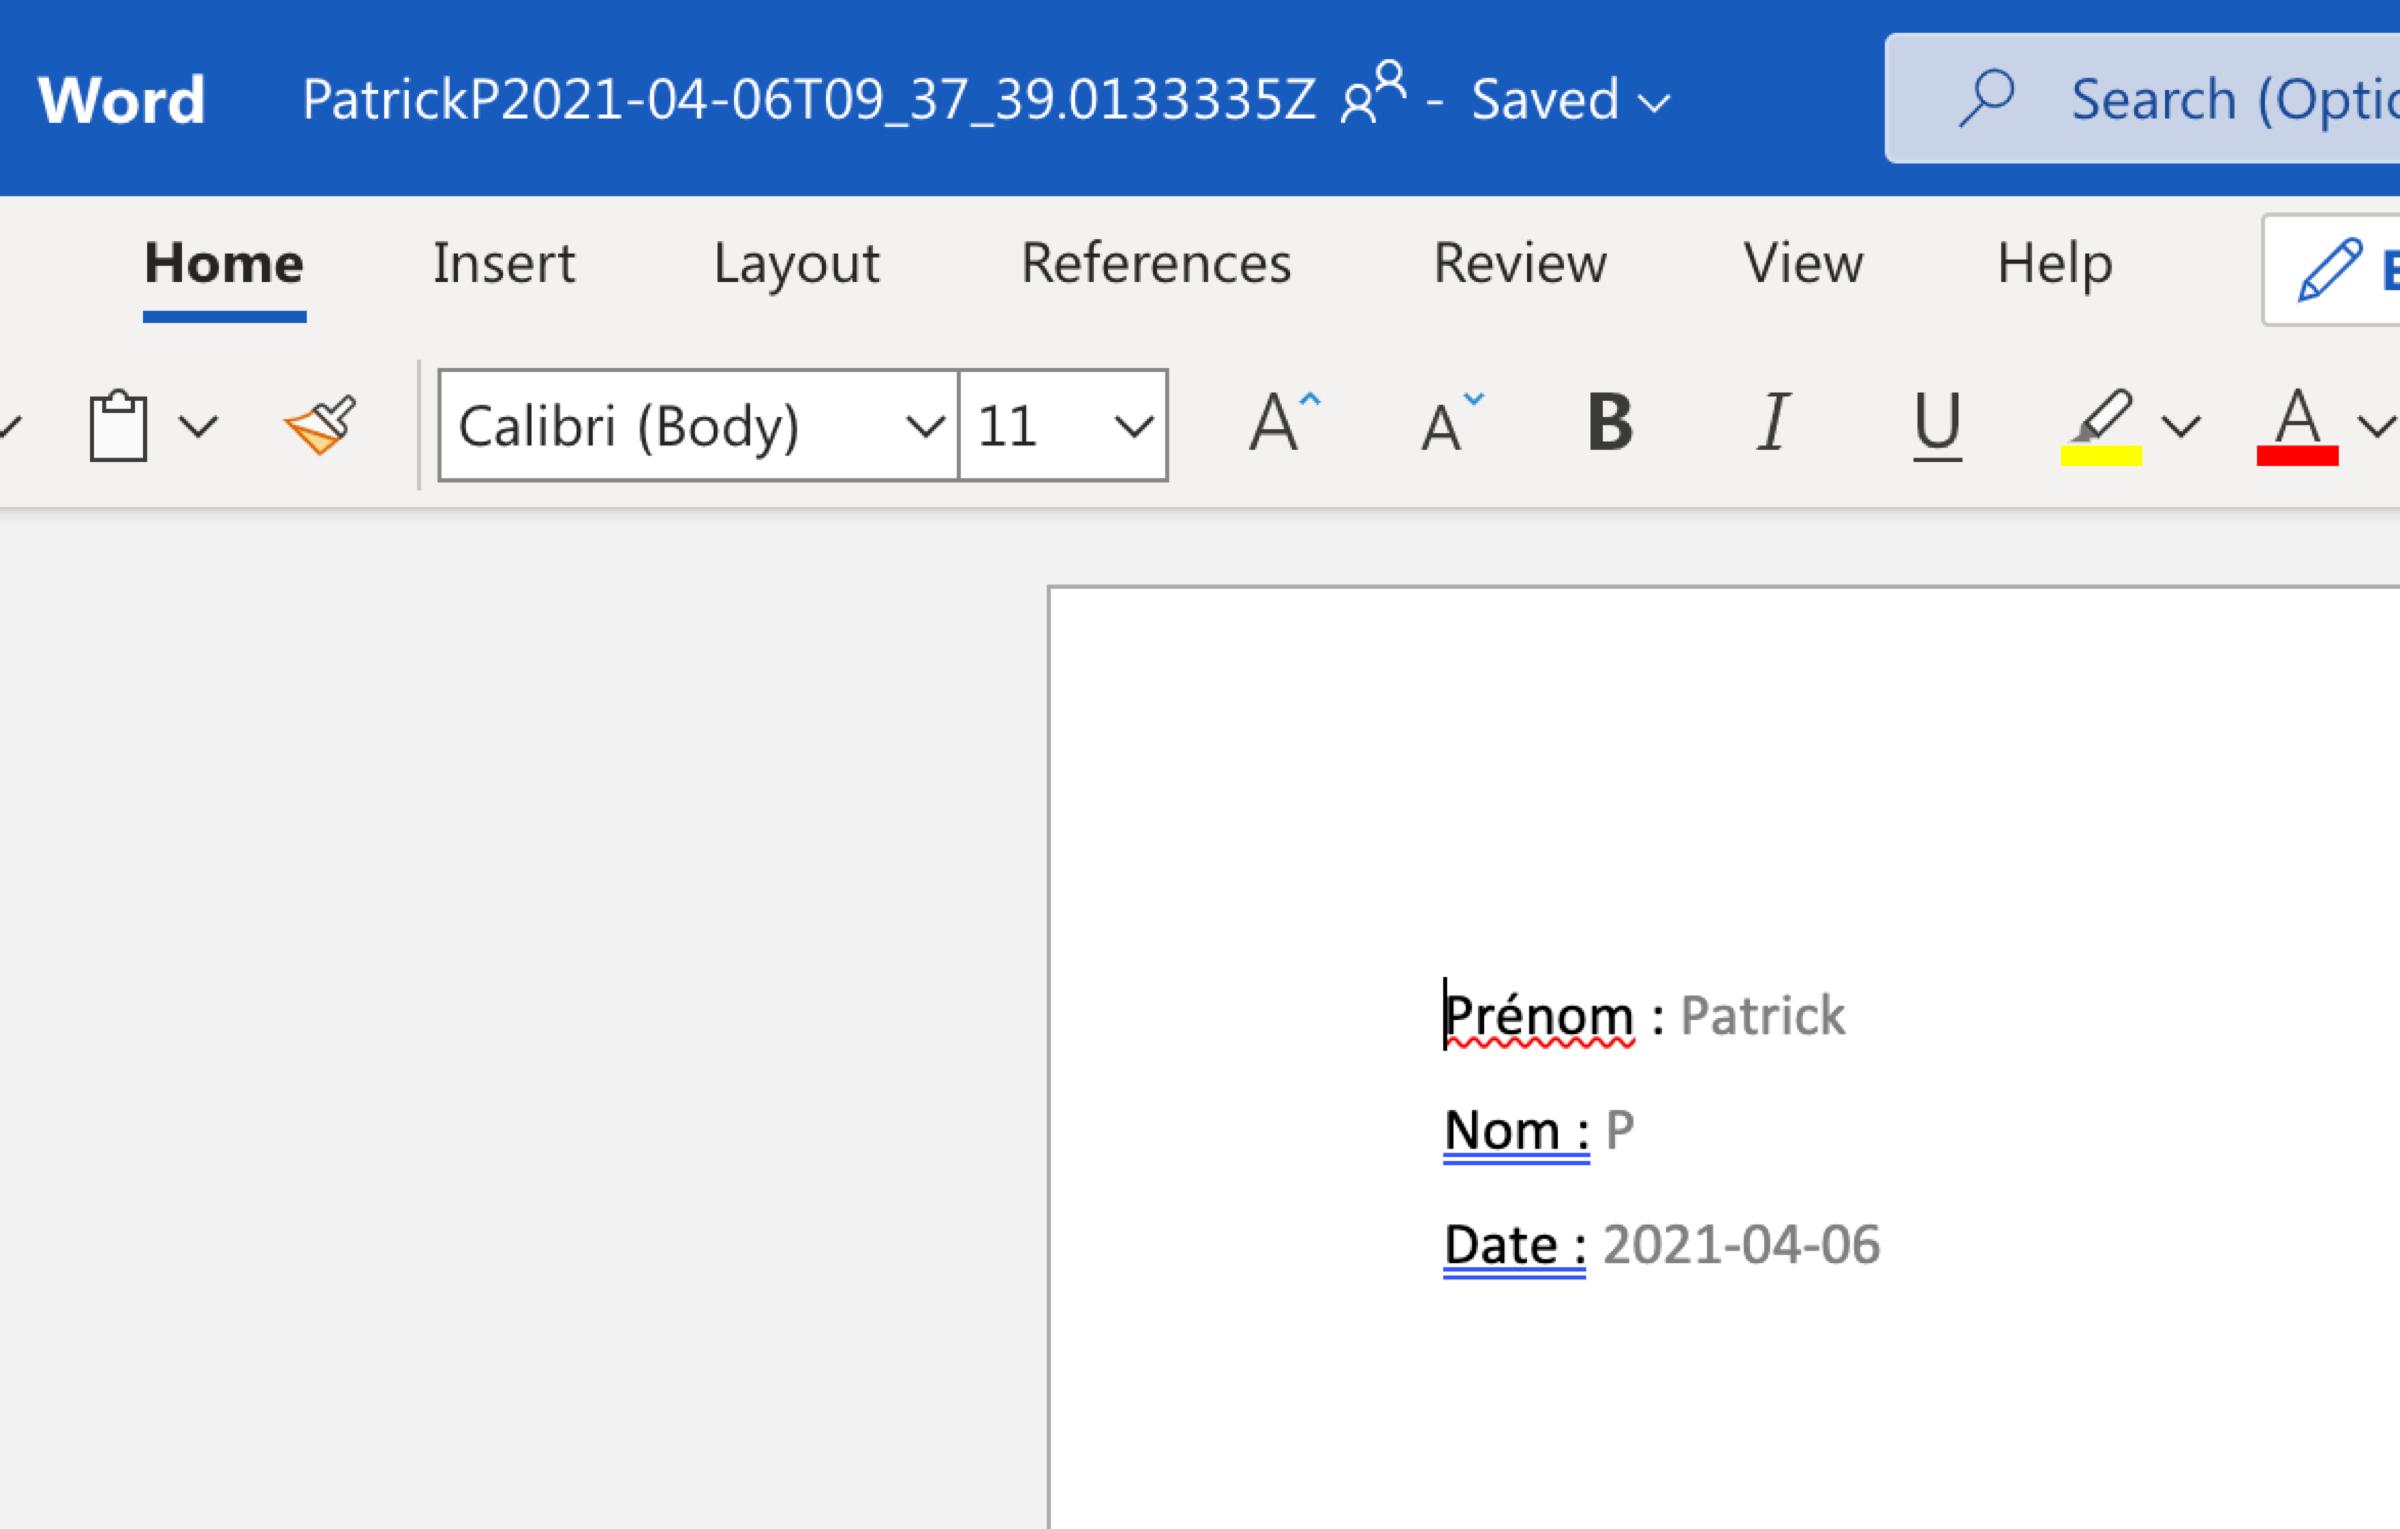 Modèle de document Word automatiquement rempli